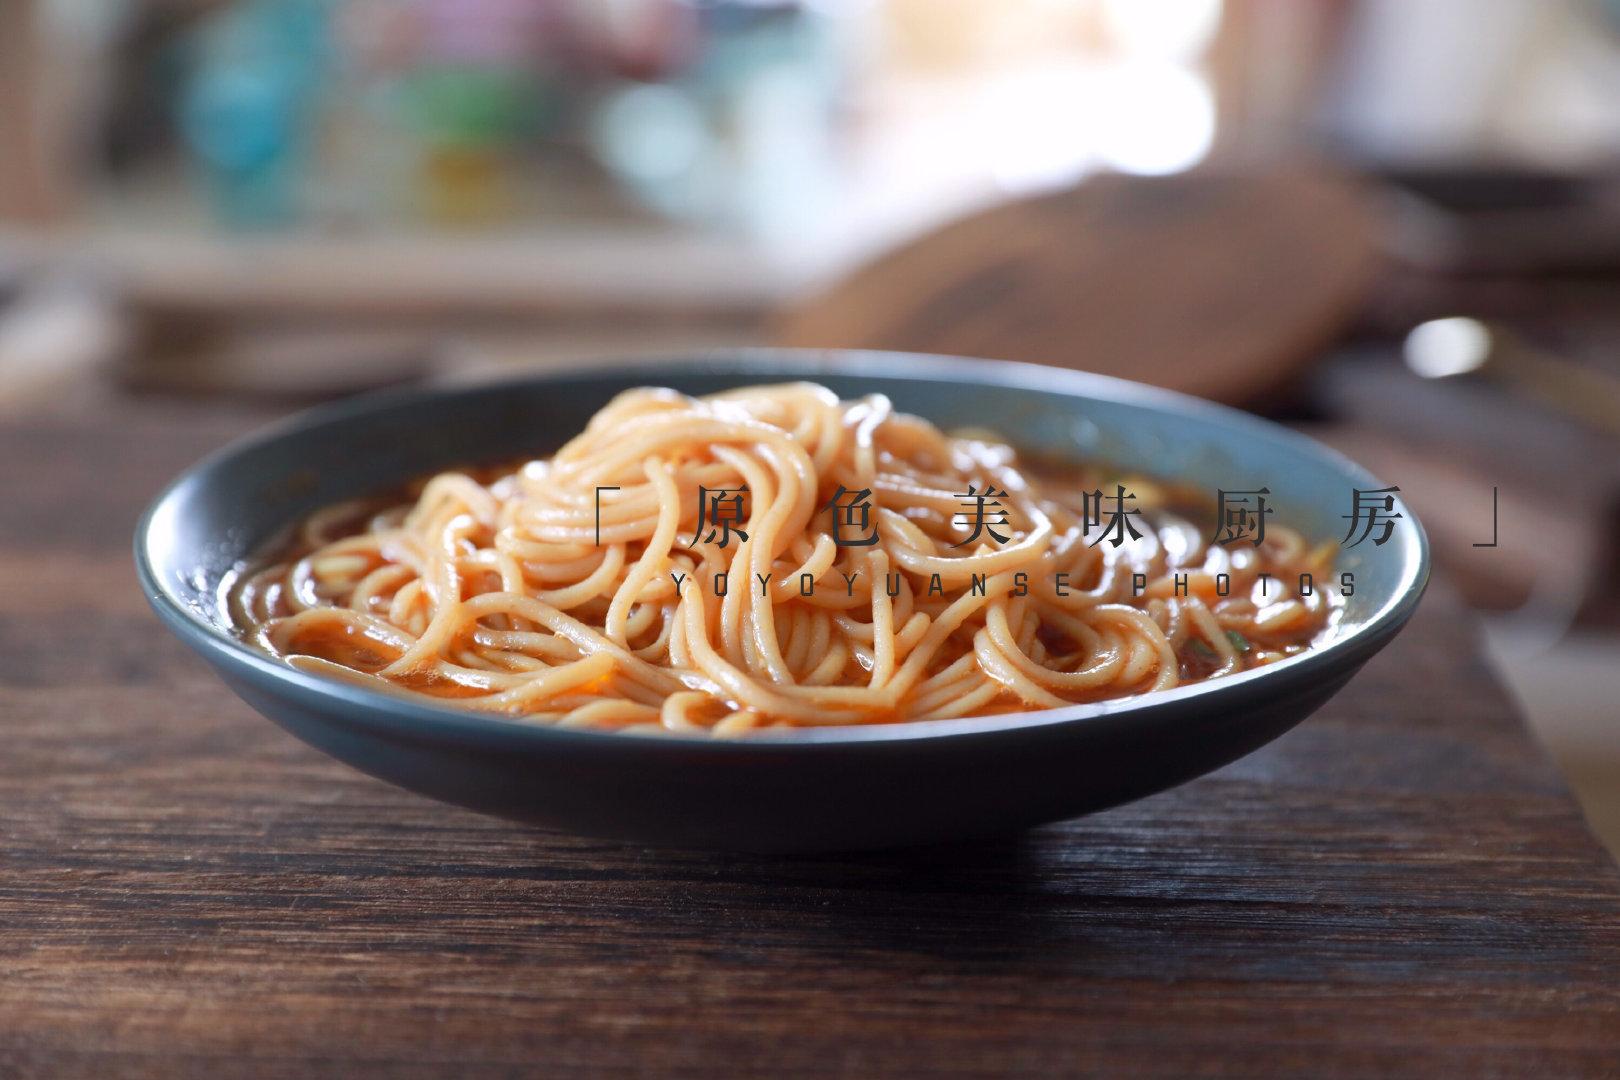 懒人最爱的主食,酸辣开胃,一碗根本不够